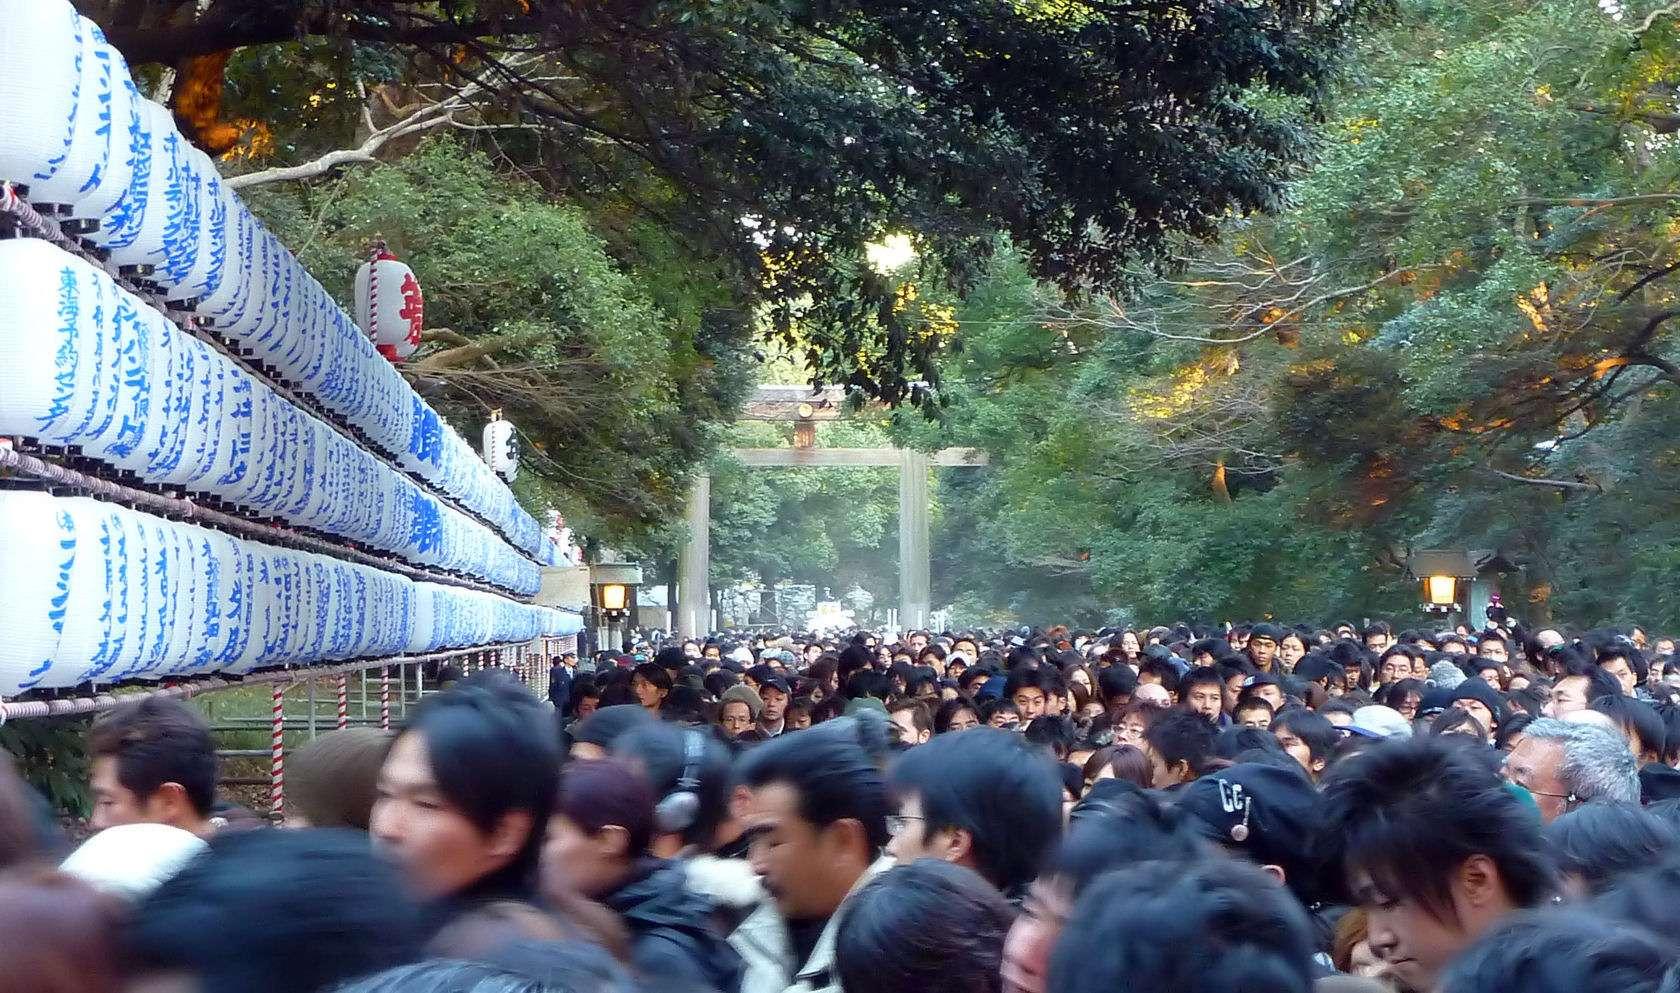 Giống như người Việt Nam đi chùa vào ngày tết, người Nhật cũng đến đền thờ cầu an lành